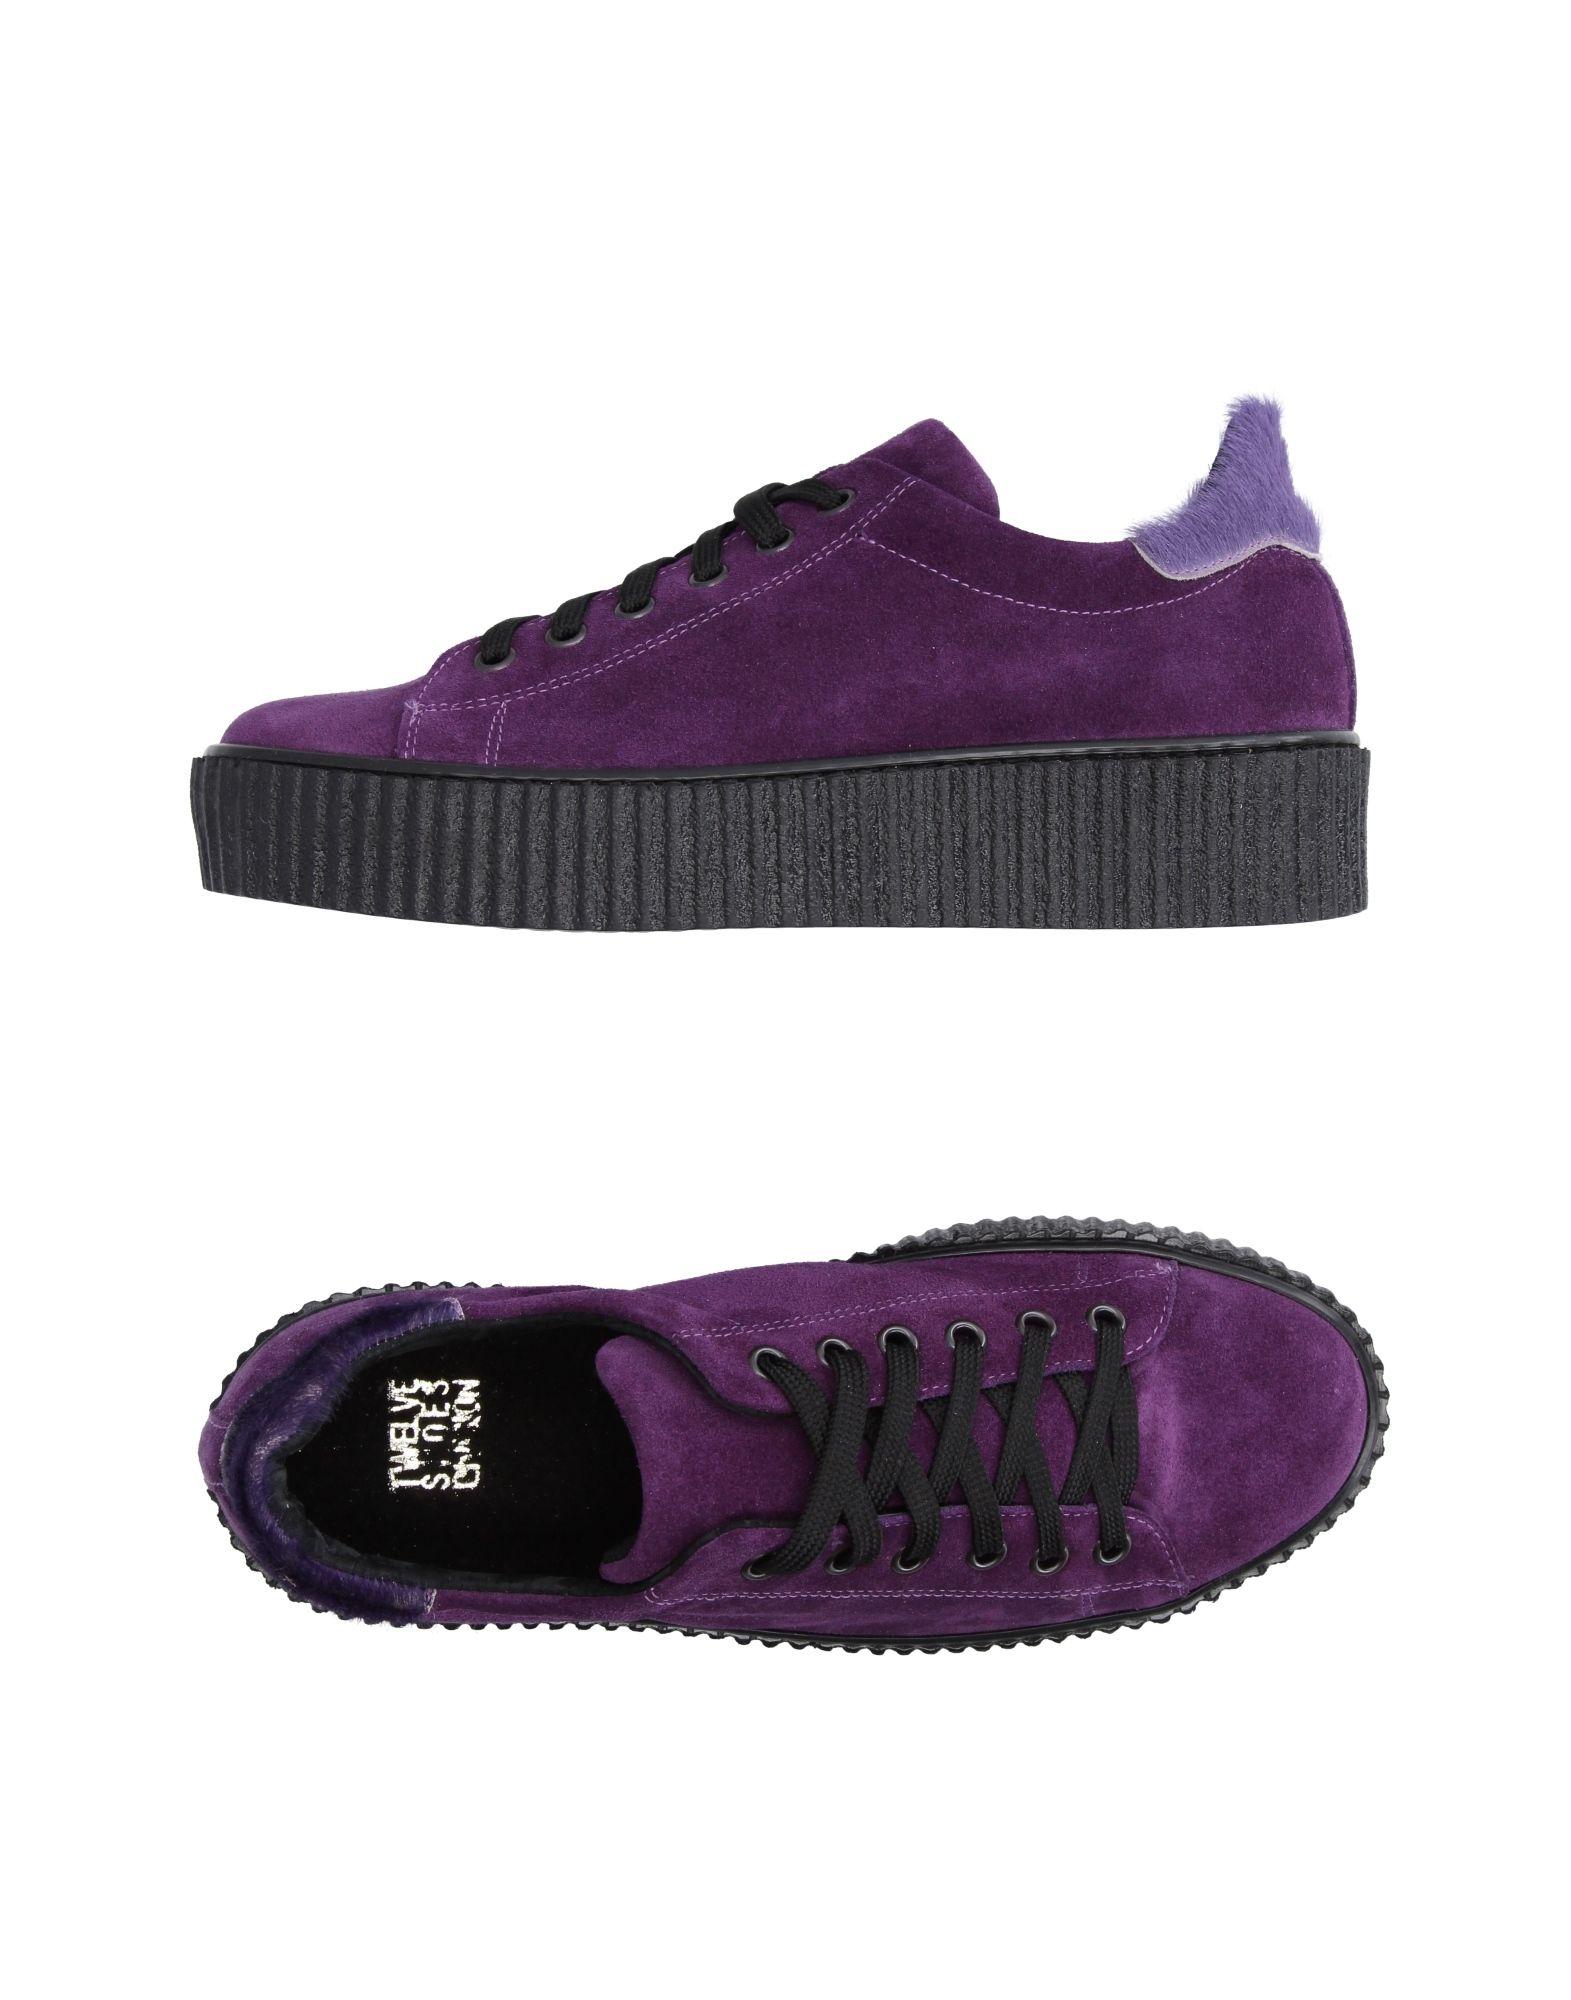 Tsd12 Schnürschuhe Damen  11211352LT Gute Qualität beliebte Schuhe